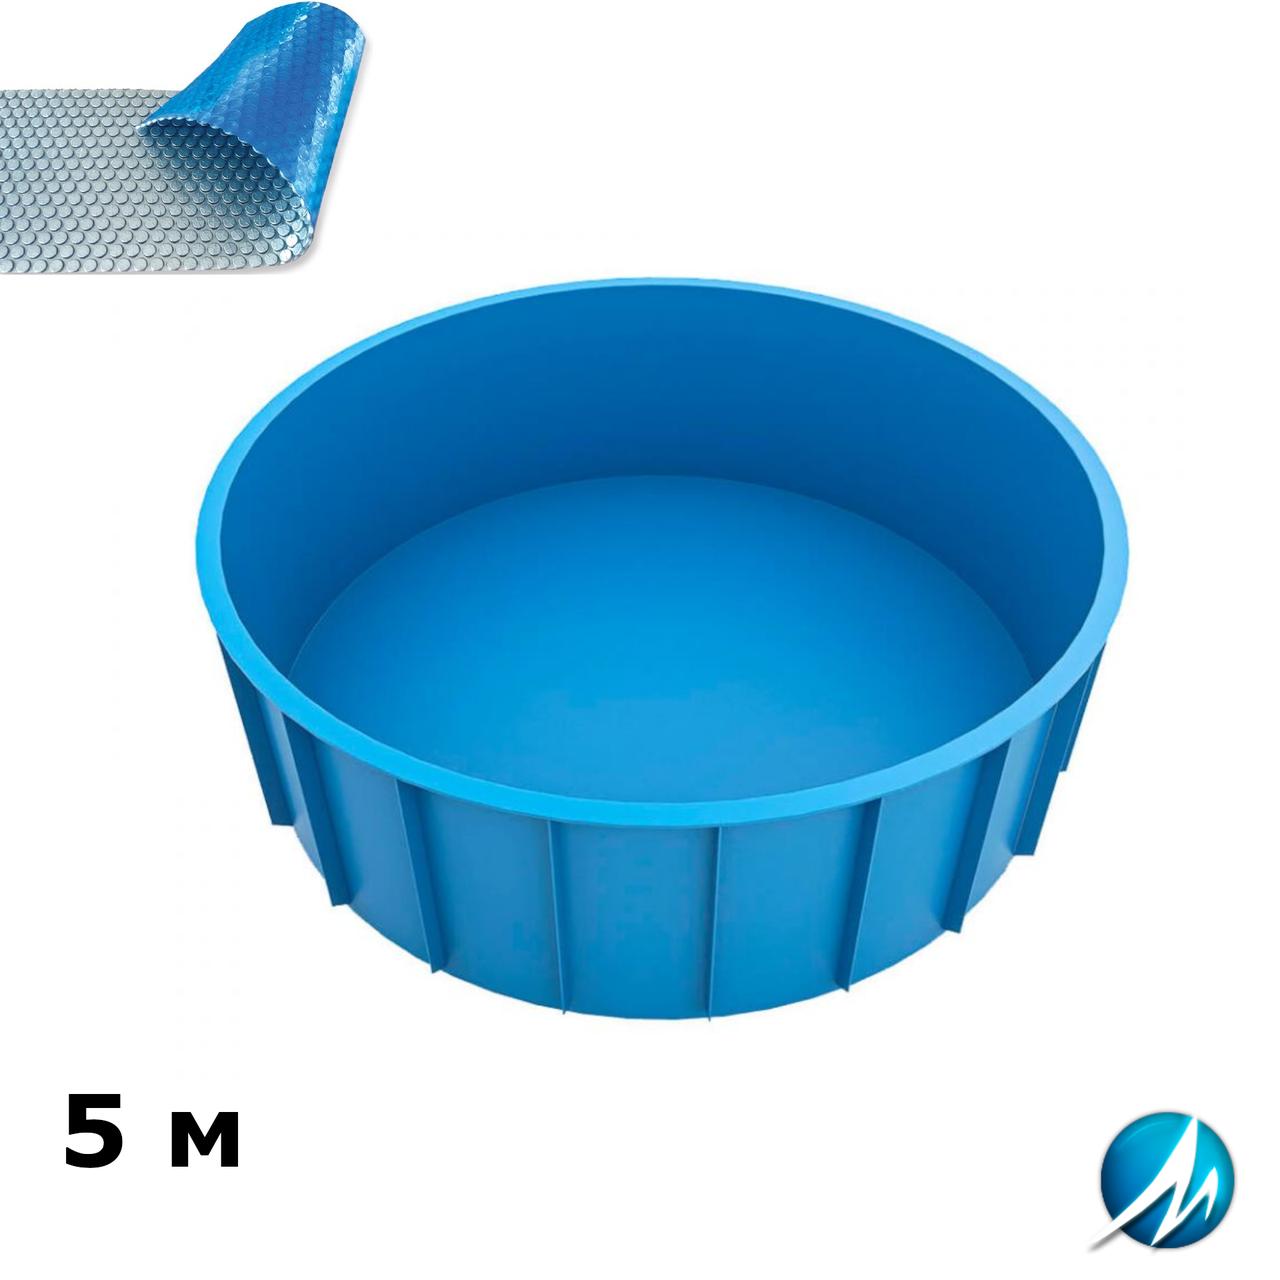 Солярне накриття для поліпропіленового круглого басейну 5 м